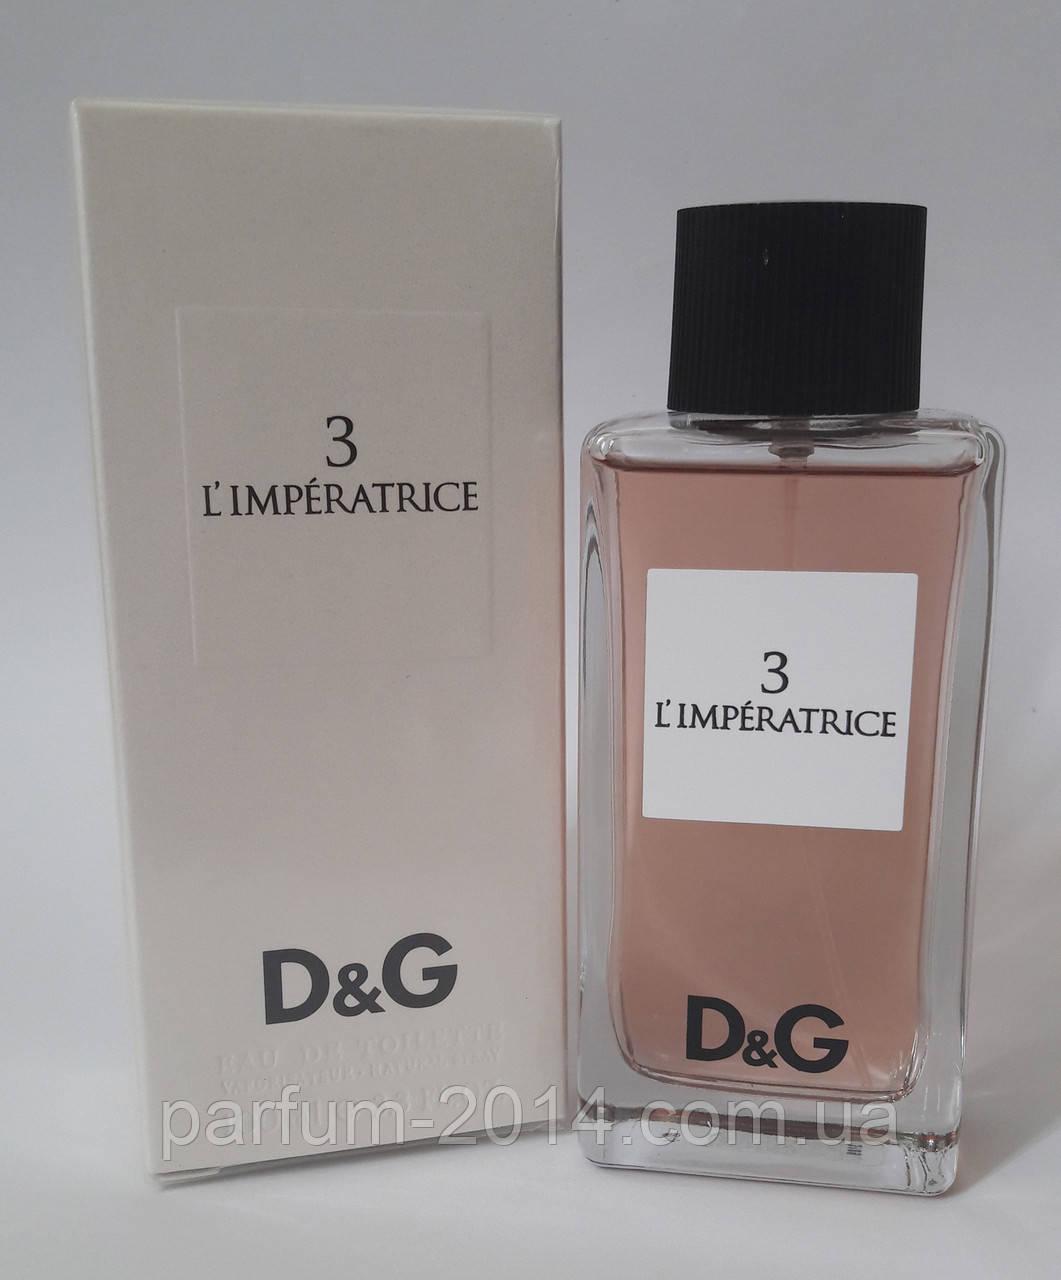 Женская туалетная вода Dolce & Gabbana L Imperatrice 3 + 5 мл в подарок ( Дольче габанна Императрица 3 ) - Parfum-2014 - Интернет-магазин парфюмерии и косметики в Харькове